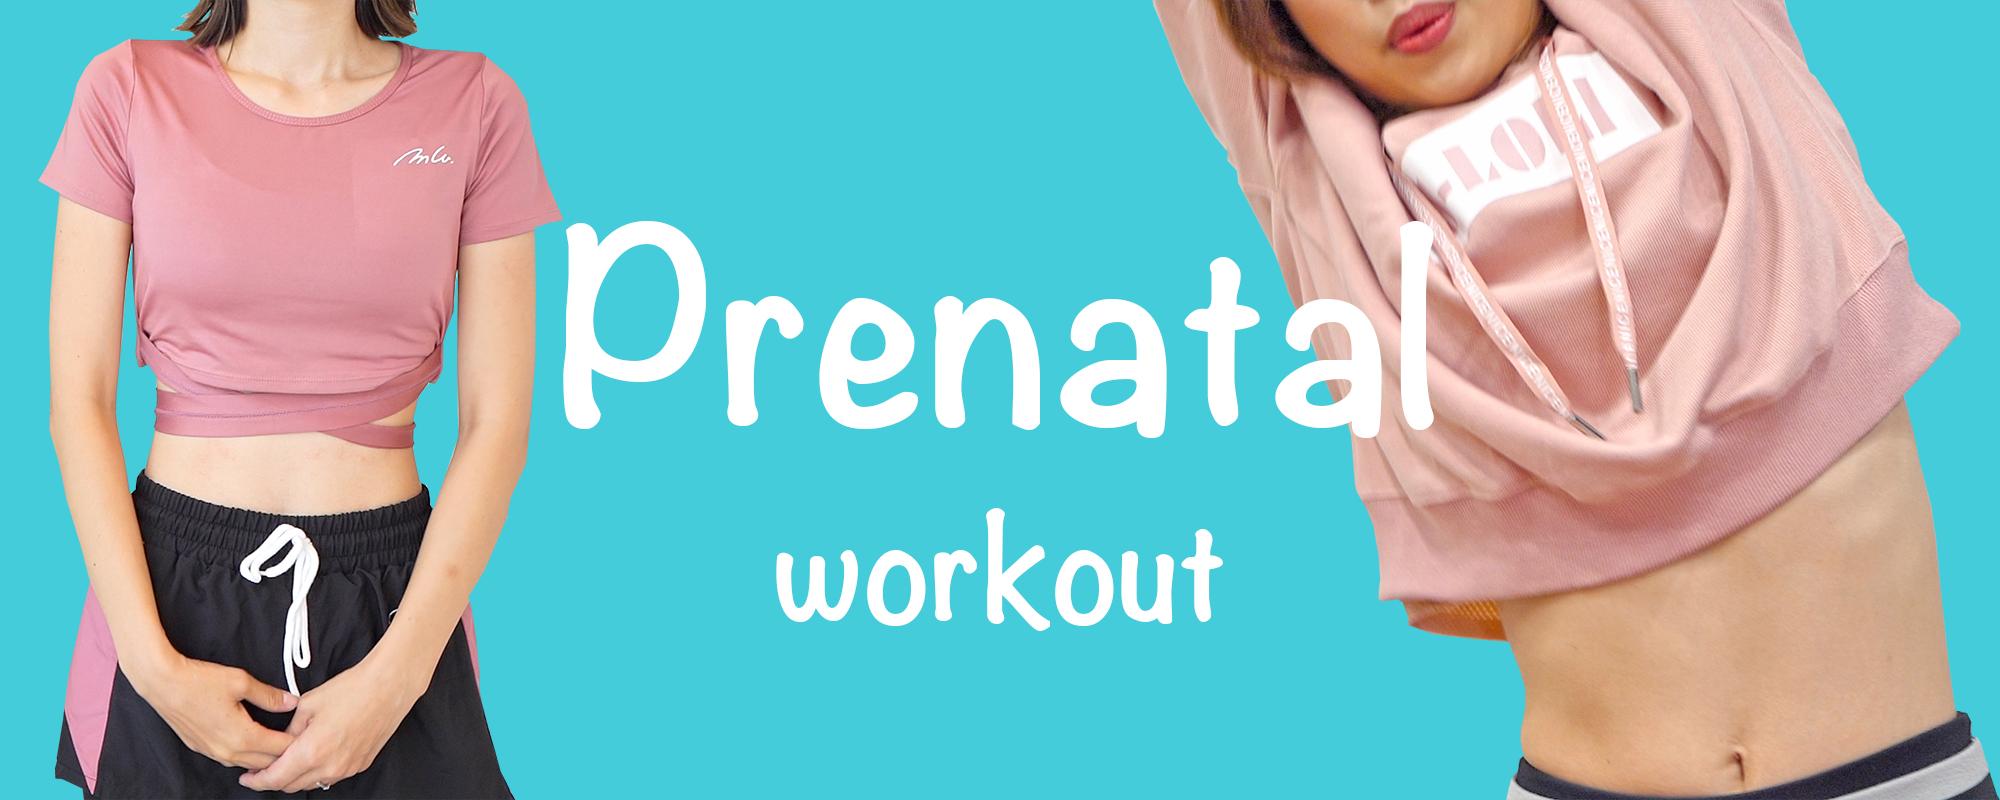 Prenatal 4 weeks program